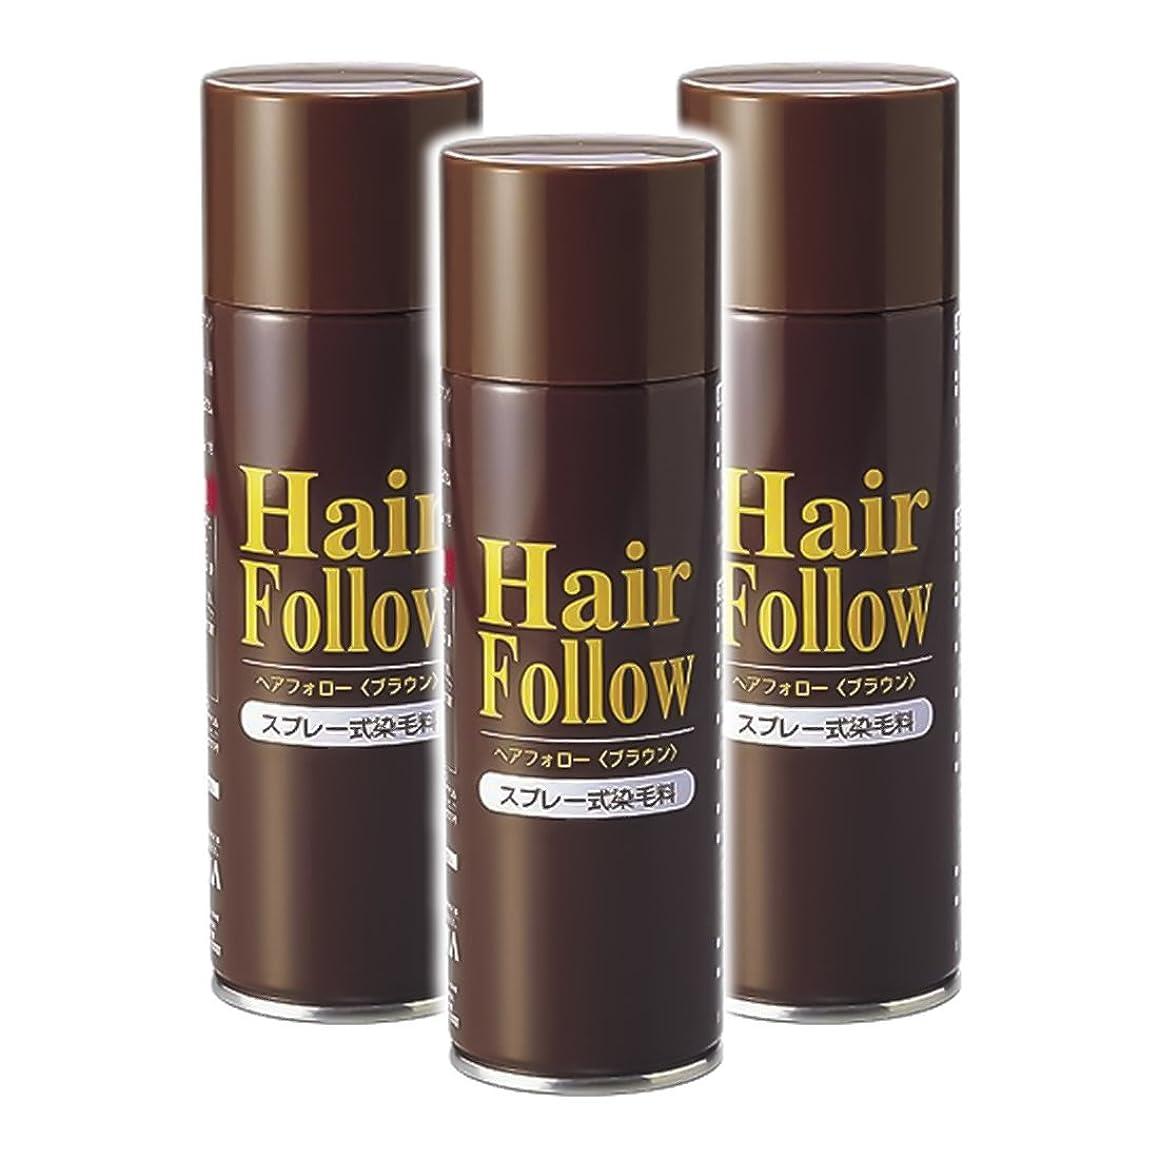 書き出すファームレプリカ薄毛スプレー 3本セット ヘアフォロー HairFollow ブラウン 150g